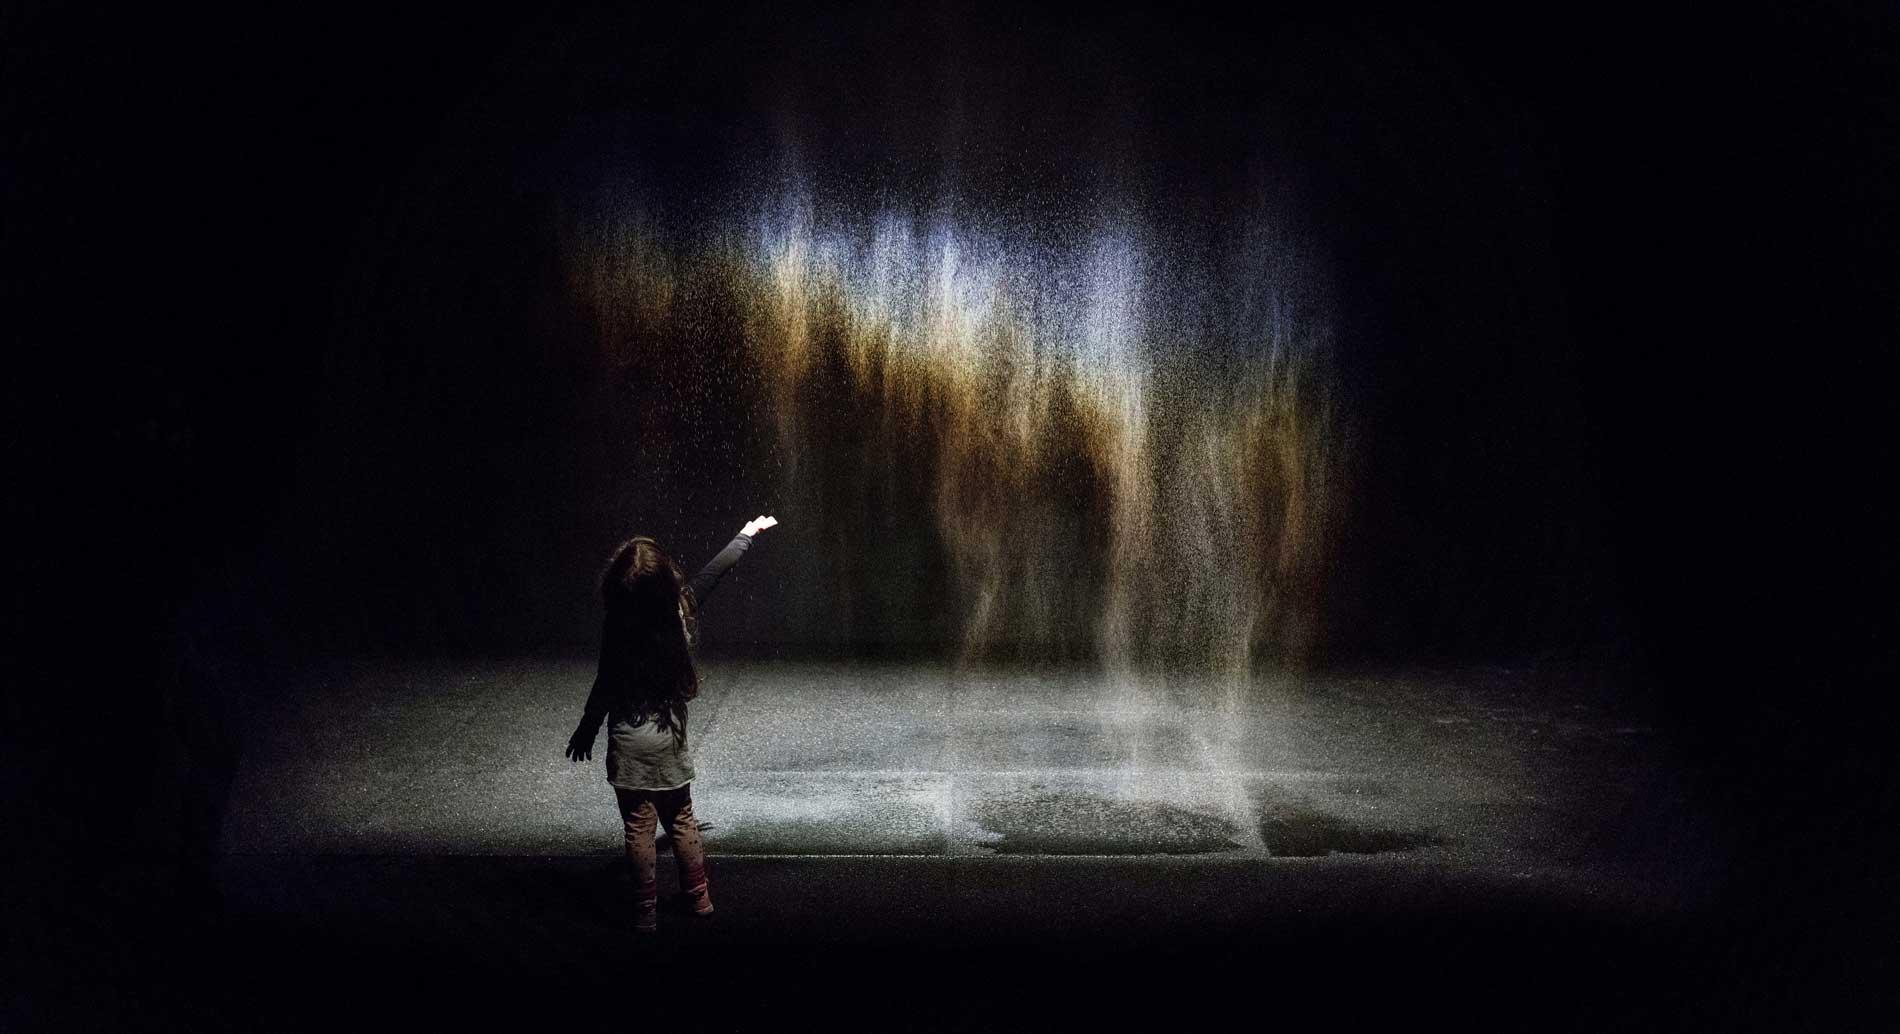 La Tate Modern presenta la retrospectiva más completa de Olafur Eliasson